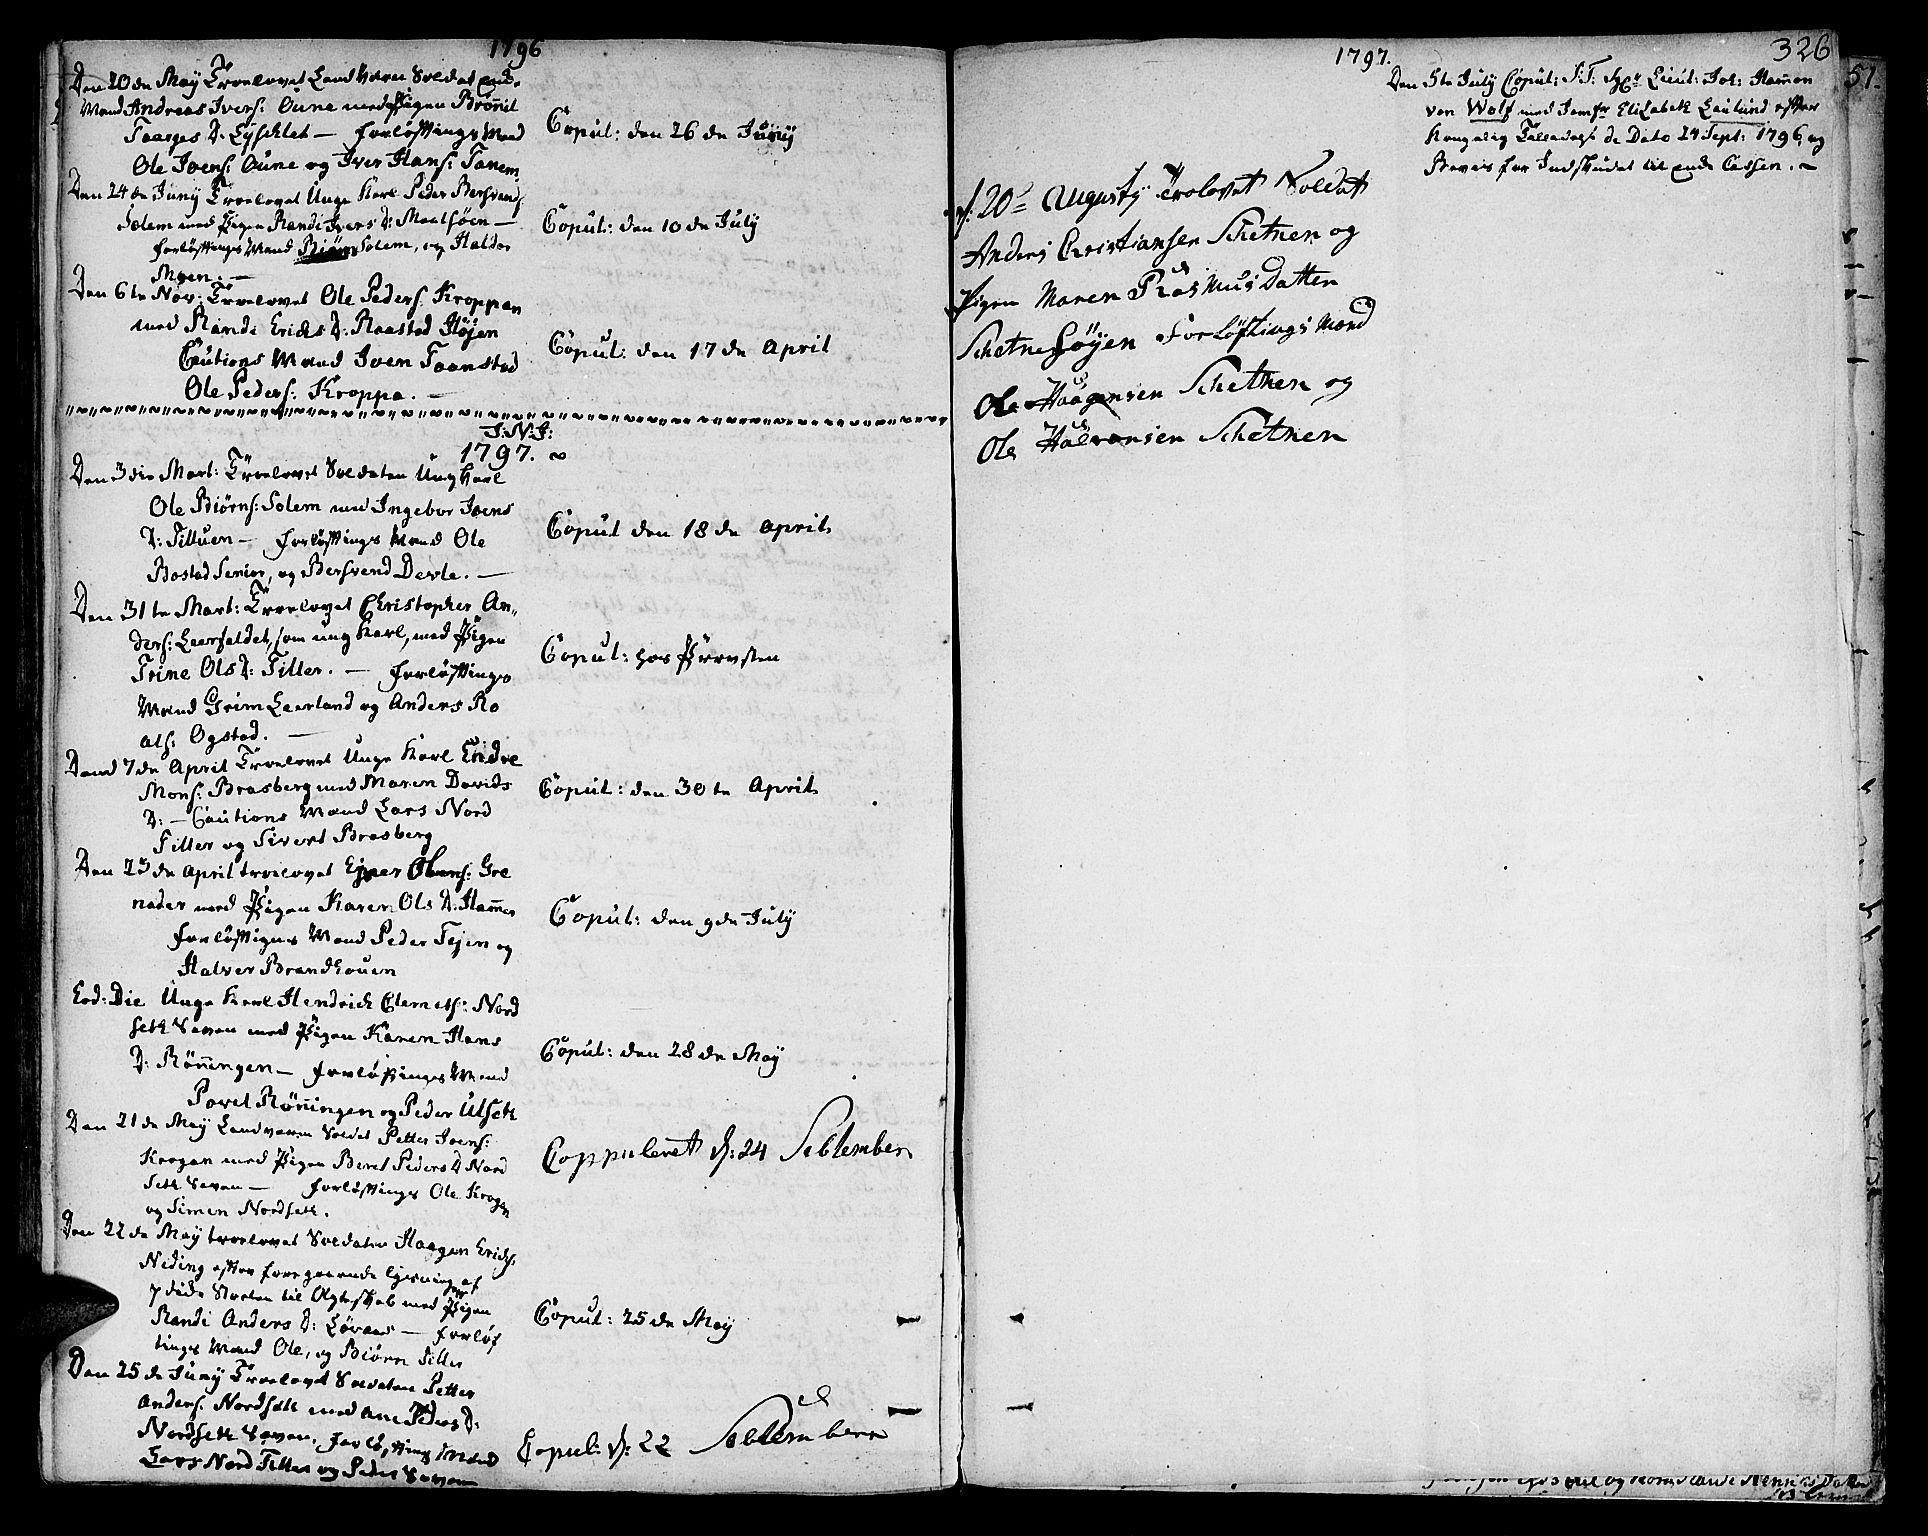 SAT, Ministerialprotokoller, klokkerbøker og fødselsregistre - Sør-Trøndelag, 618/L0438: Ministerialbok nr. 618A03, 1783-1815, s. 326